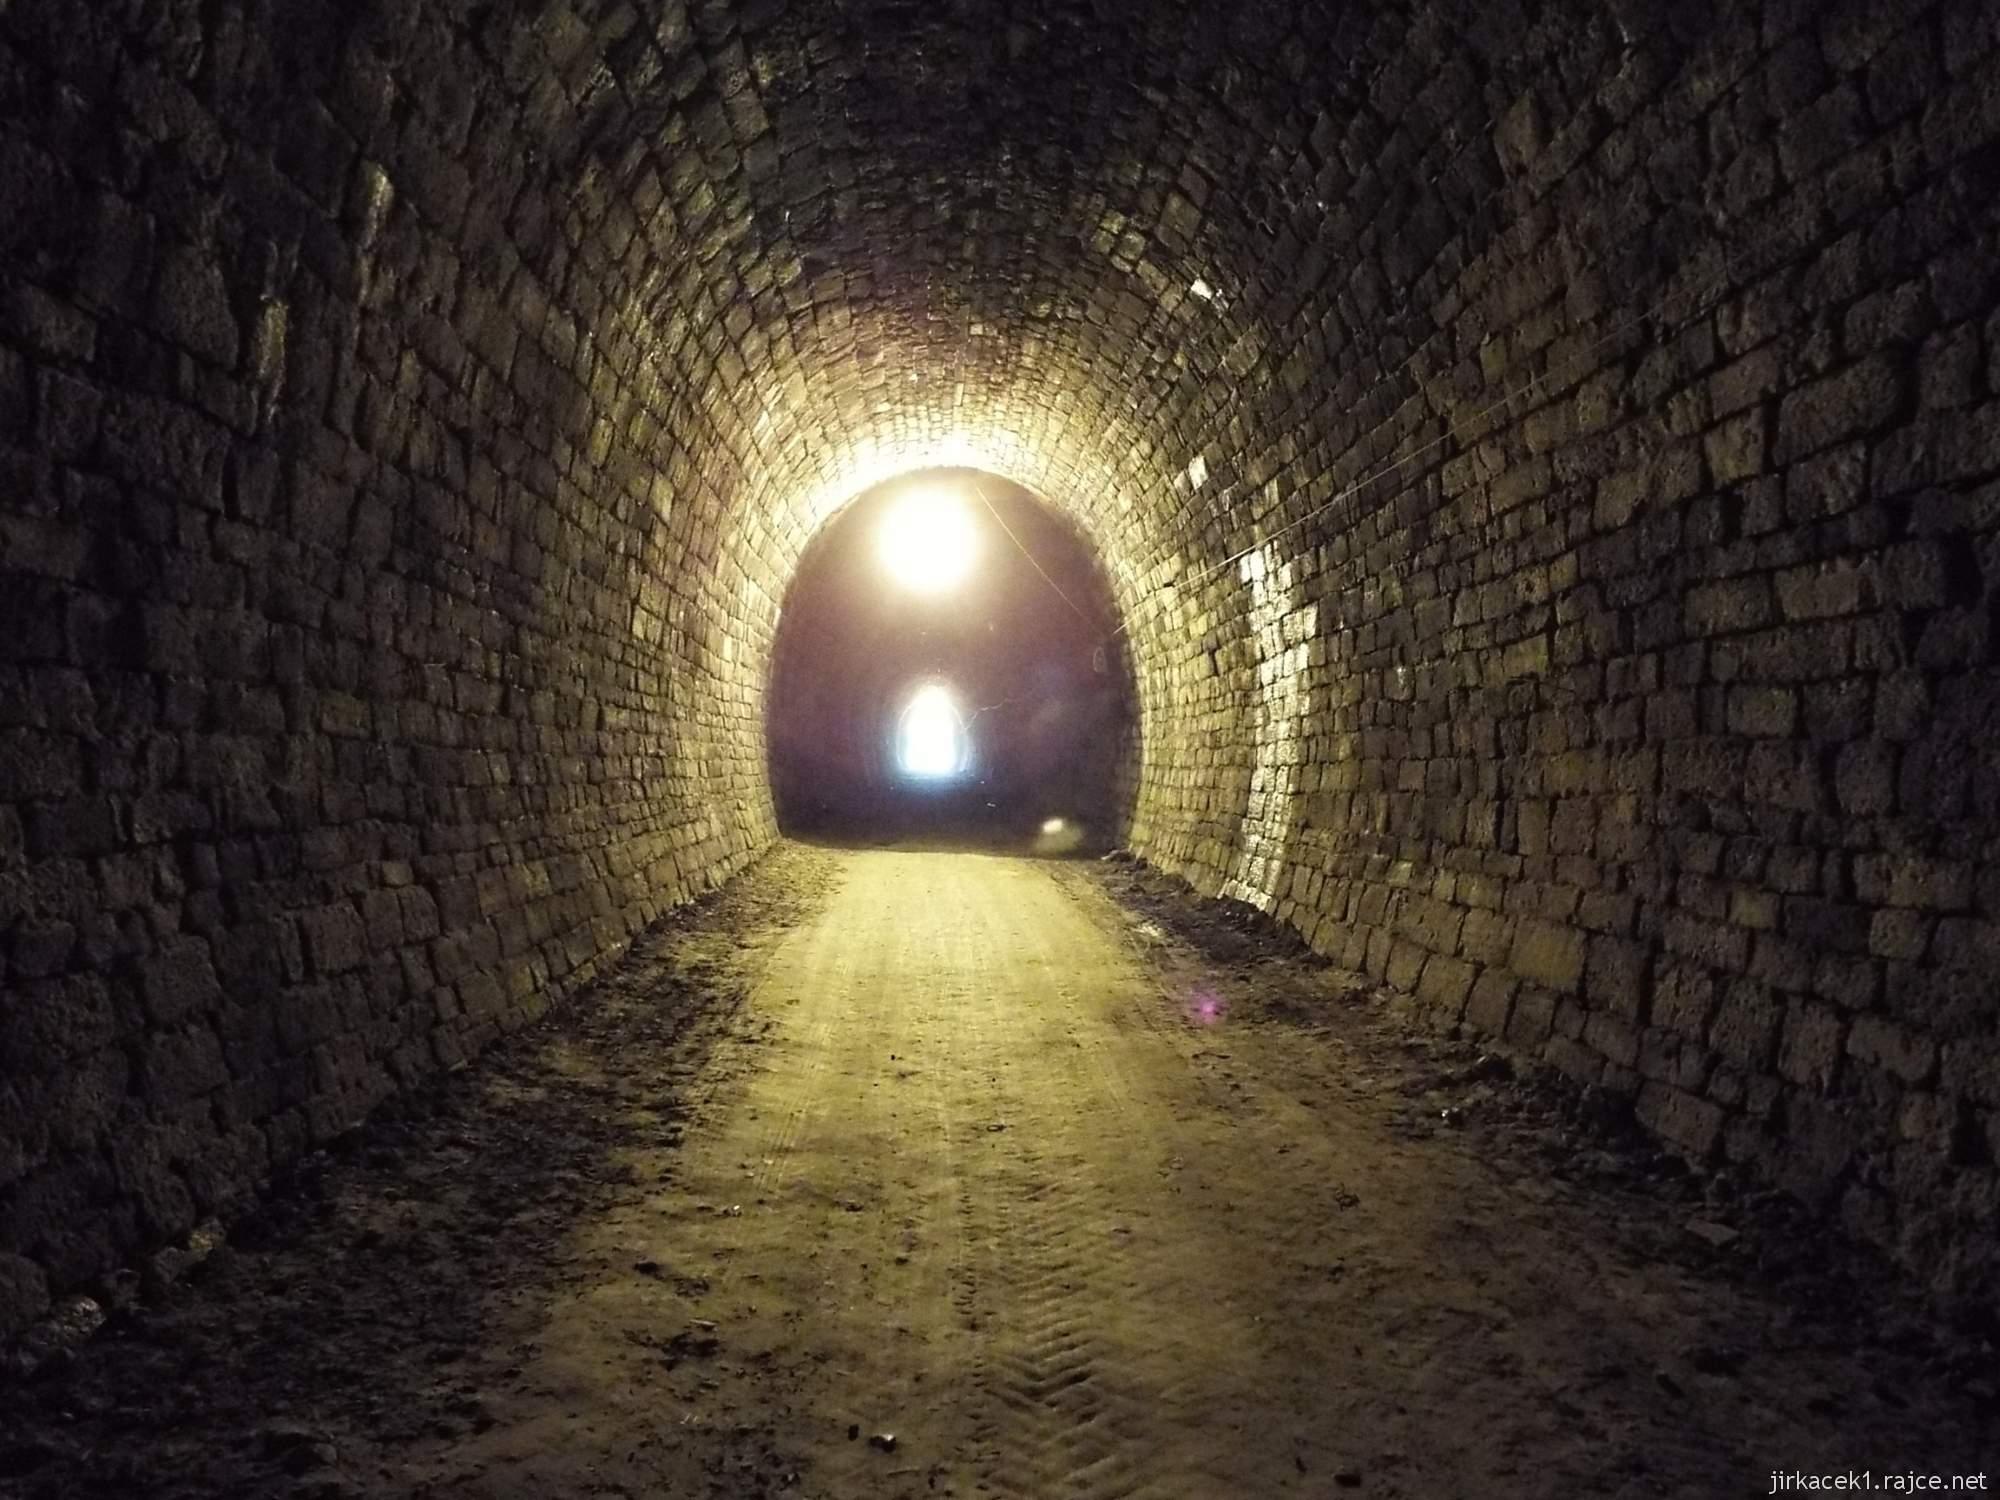 Slavíč - Ferdinandův železniční tunel - světlo uprostřed tunelu